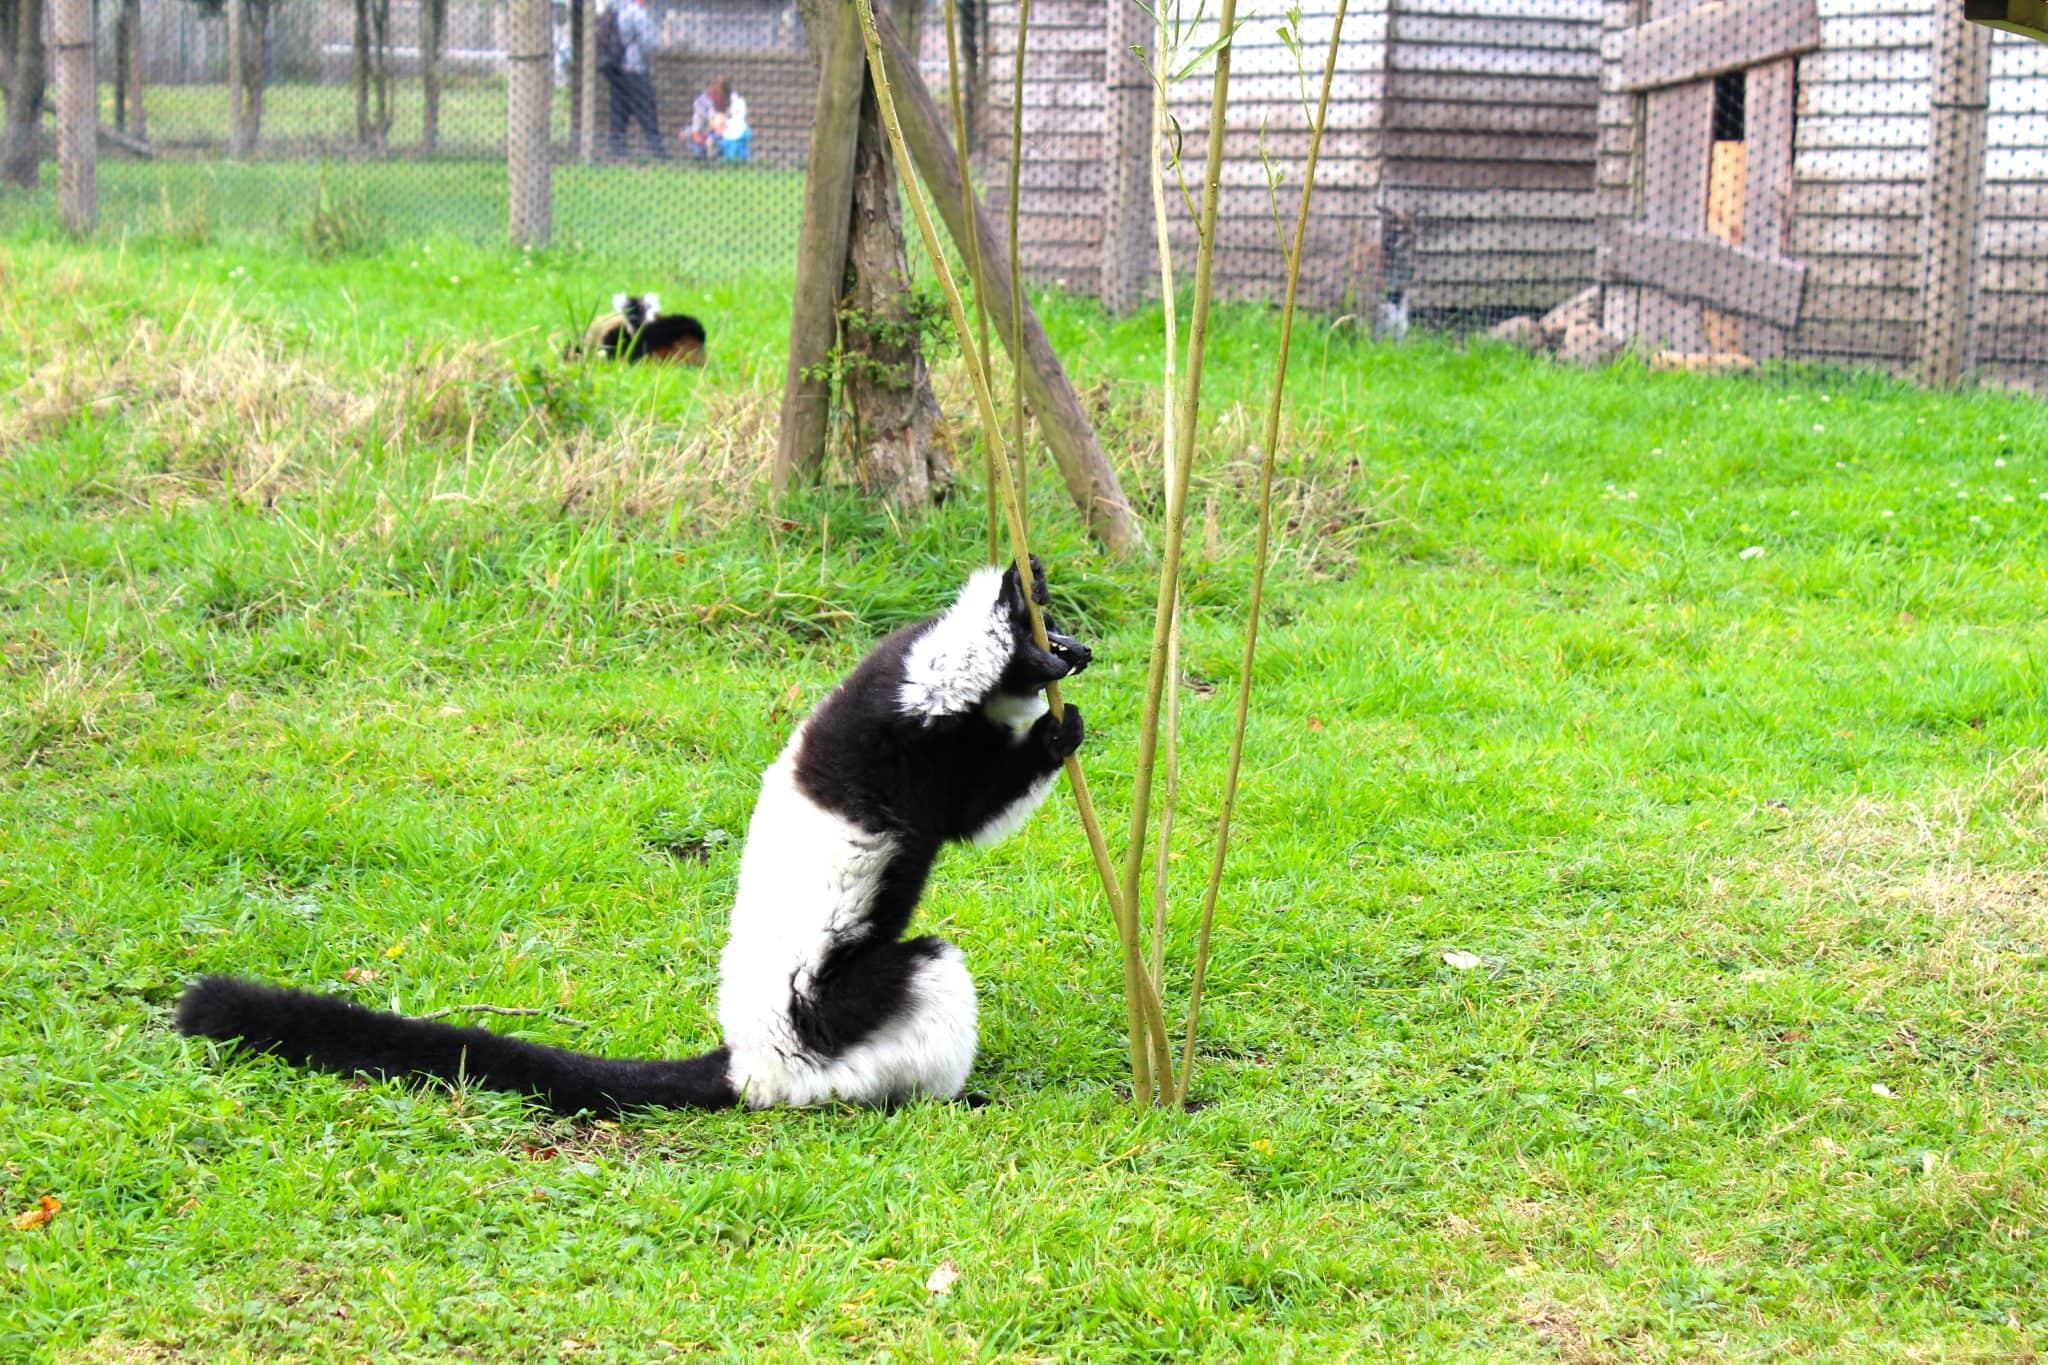 In the Lemur enclosure